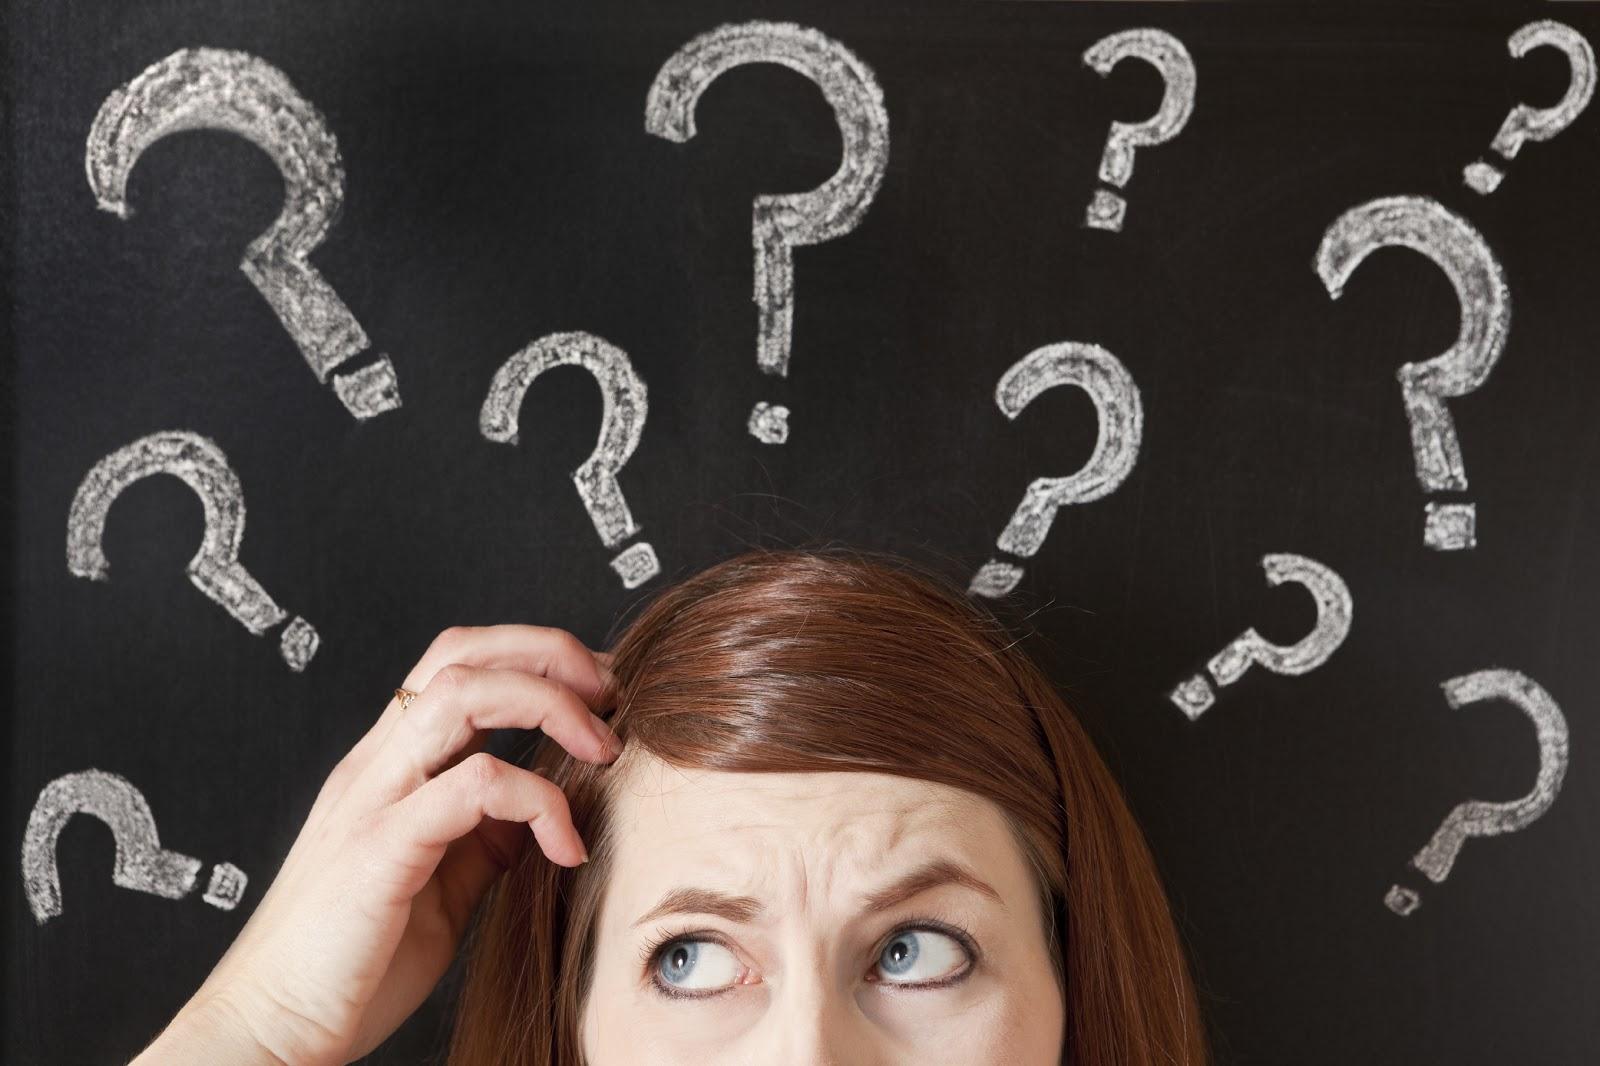 結婚式持ち込み料の疑問 新郎新婦が納得できない4つの理由 First